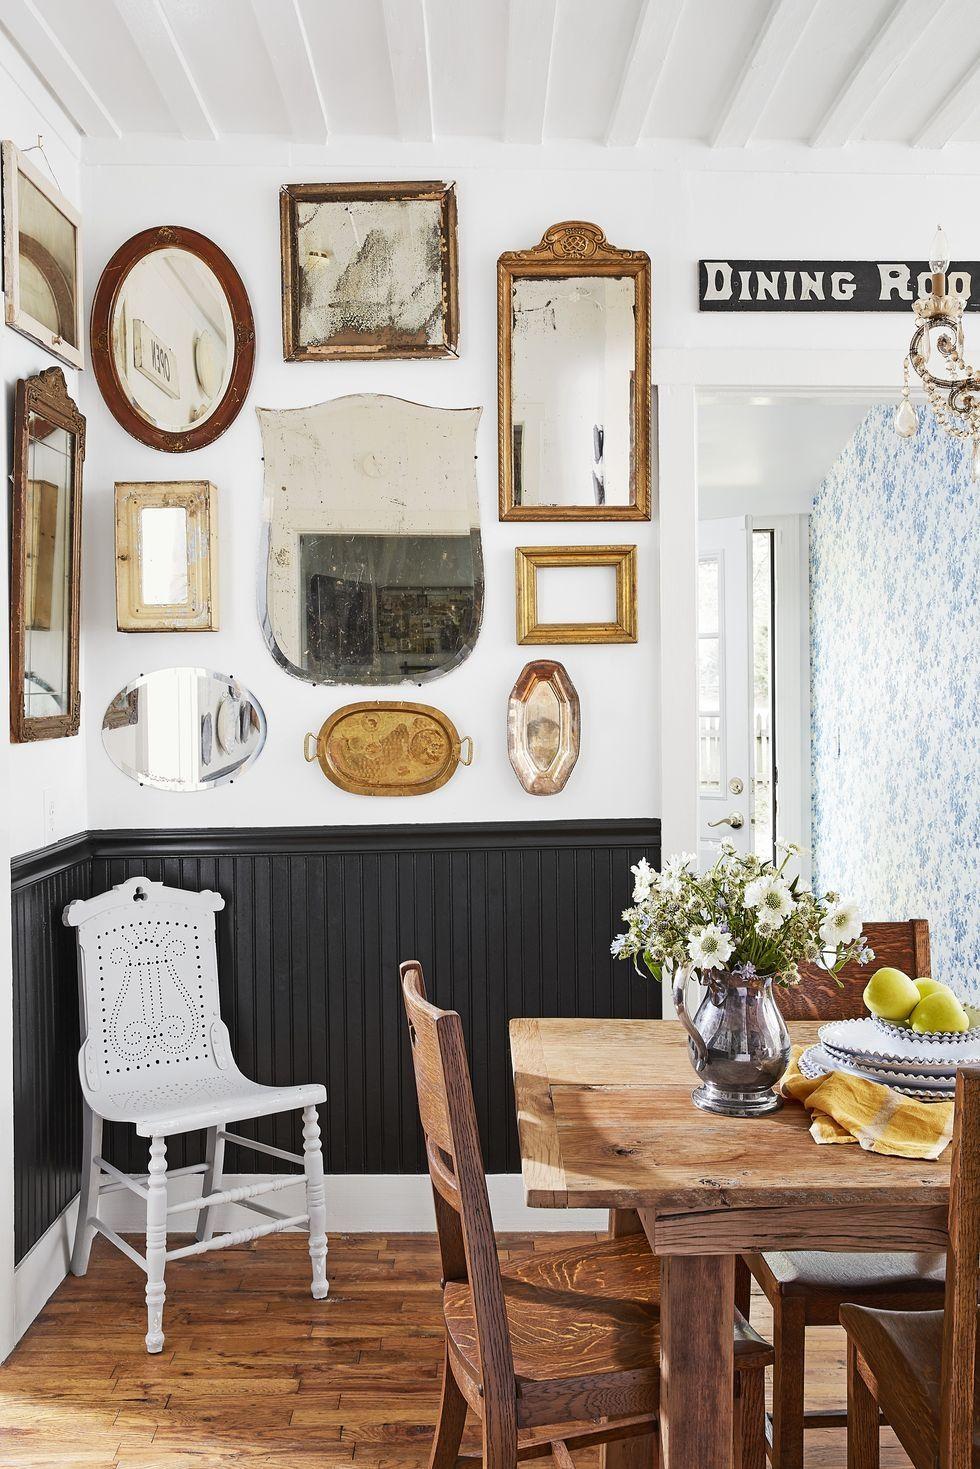 Yemek Odanizi Yeniden Duzenlemek Icin 10 Muhtesem Yol In 2020 Modern Farmhouse Dining Room Farmhouse Dining Room Set Dining Room Style